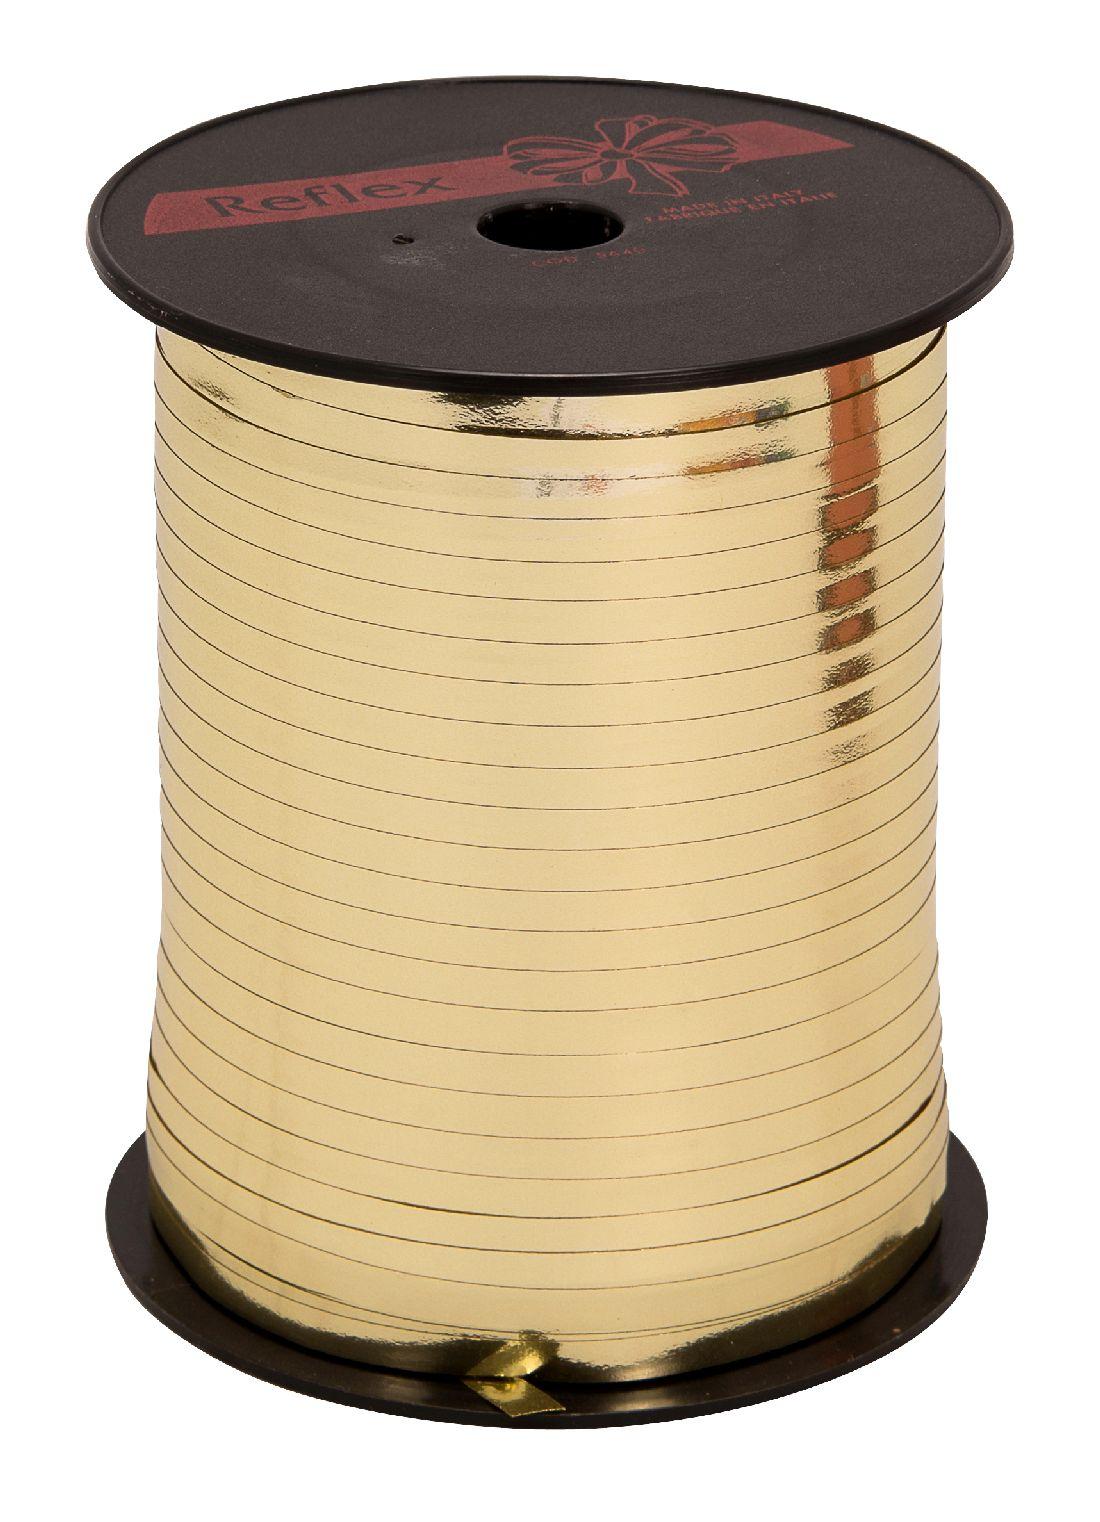 Kräuselband metallic, Ziehband GOLD 02 Geschenkband 5mm 500Meter